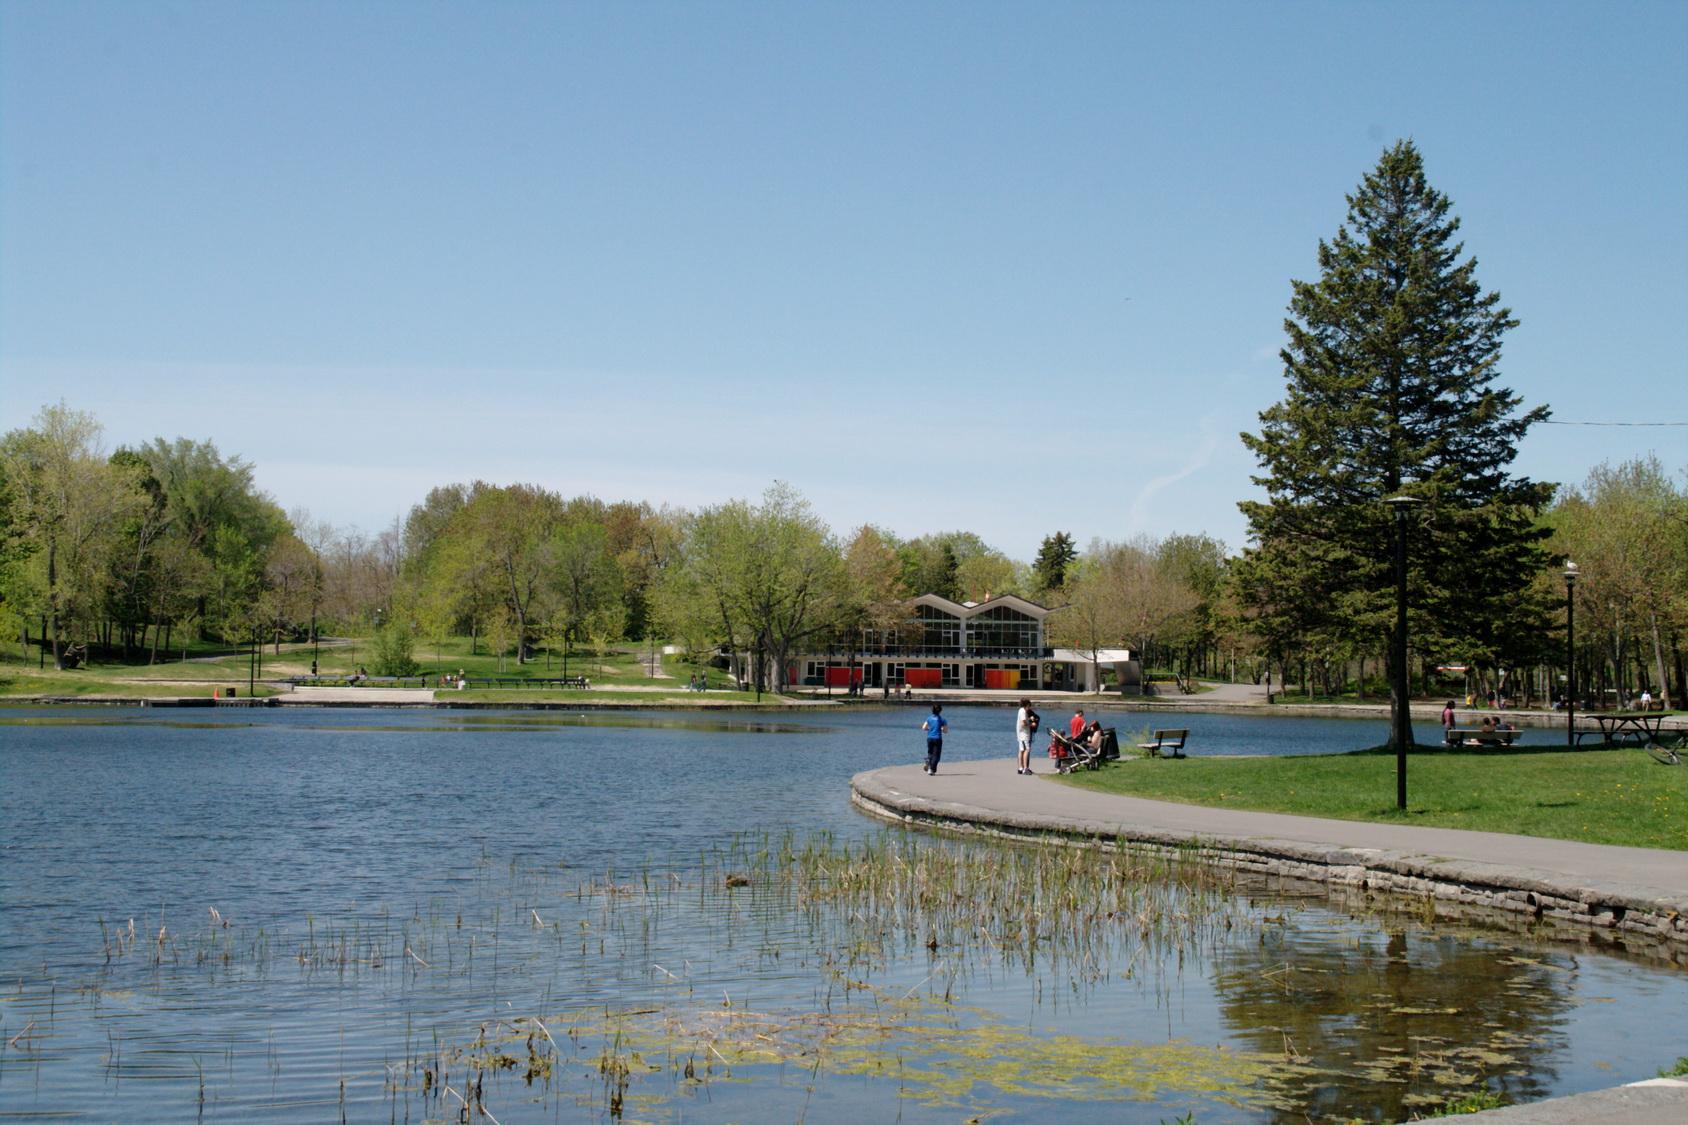 Les aménagements du Mont-Royal, tel le Lac-des-castors, furent tous mis en chantier dans les années 30, afin de contrer les effets de la crise économique